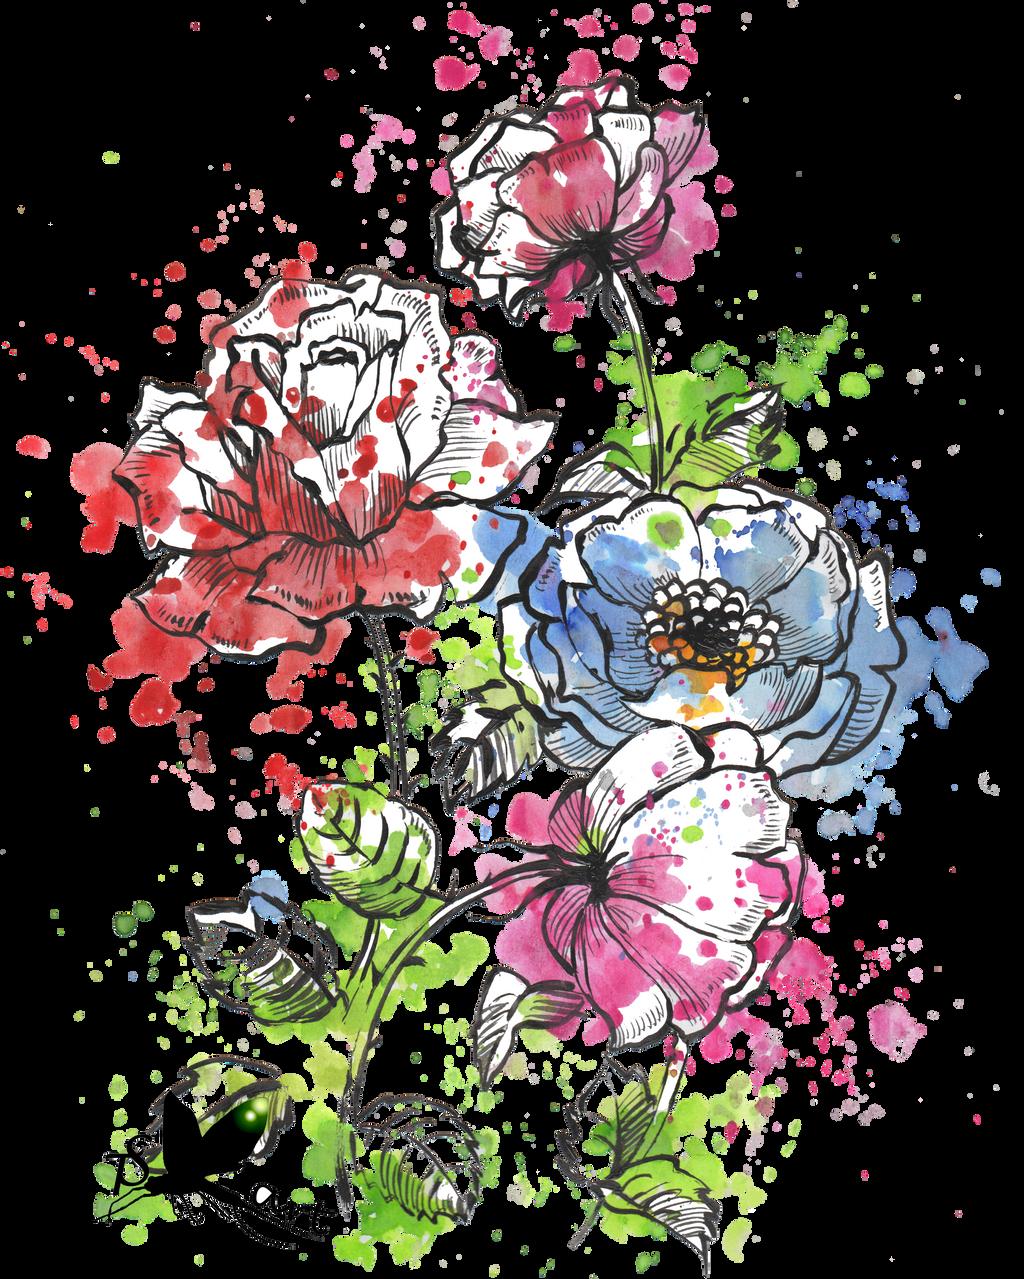 Watercolor flowers by Krmiol on DeviantArt